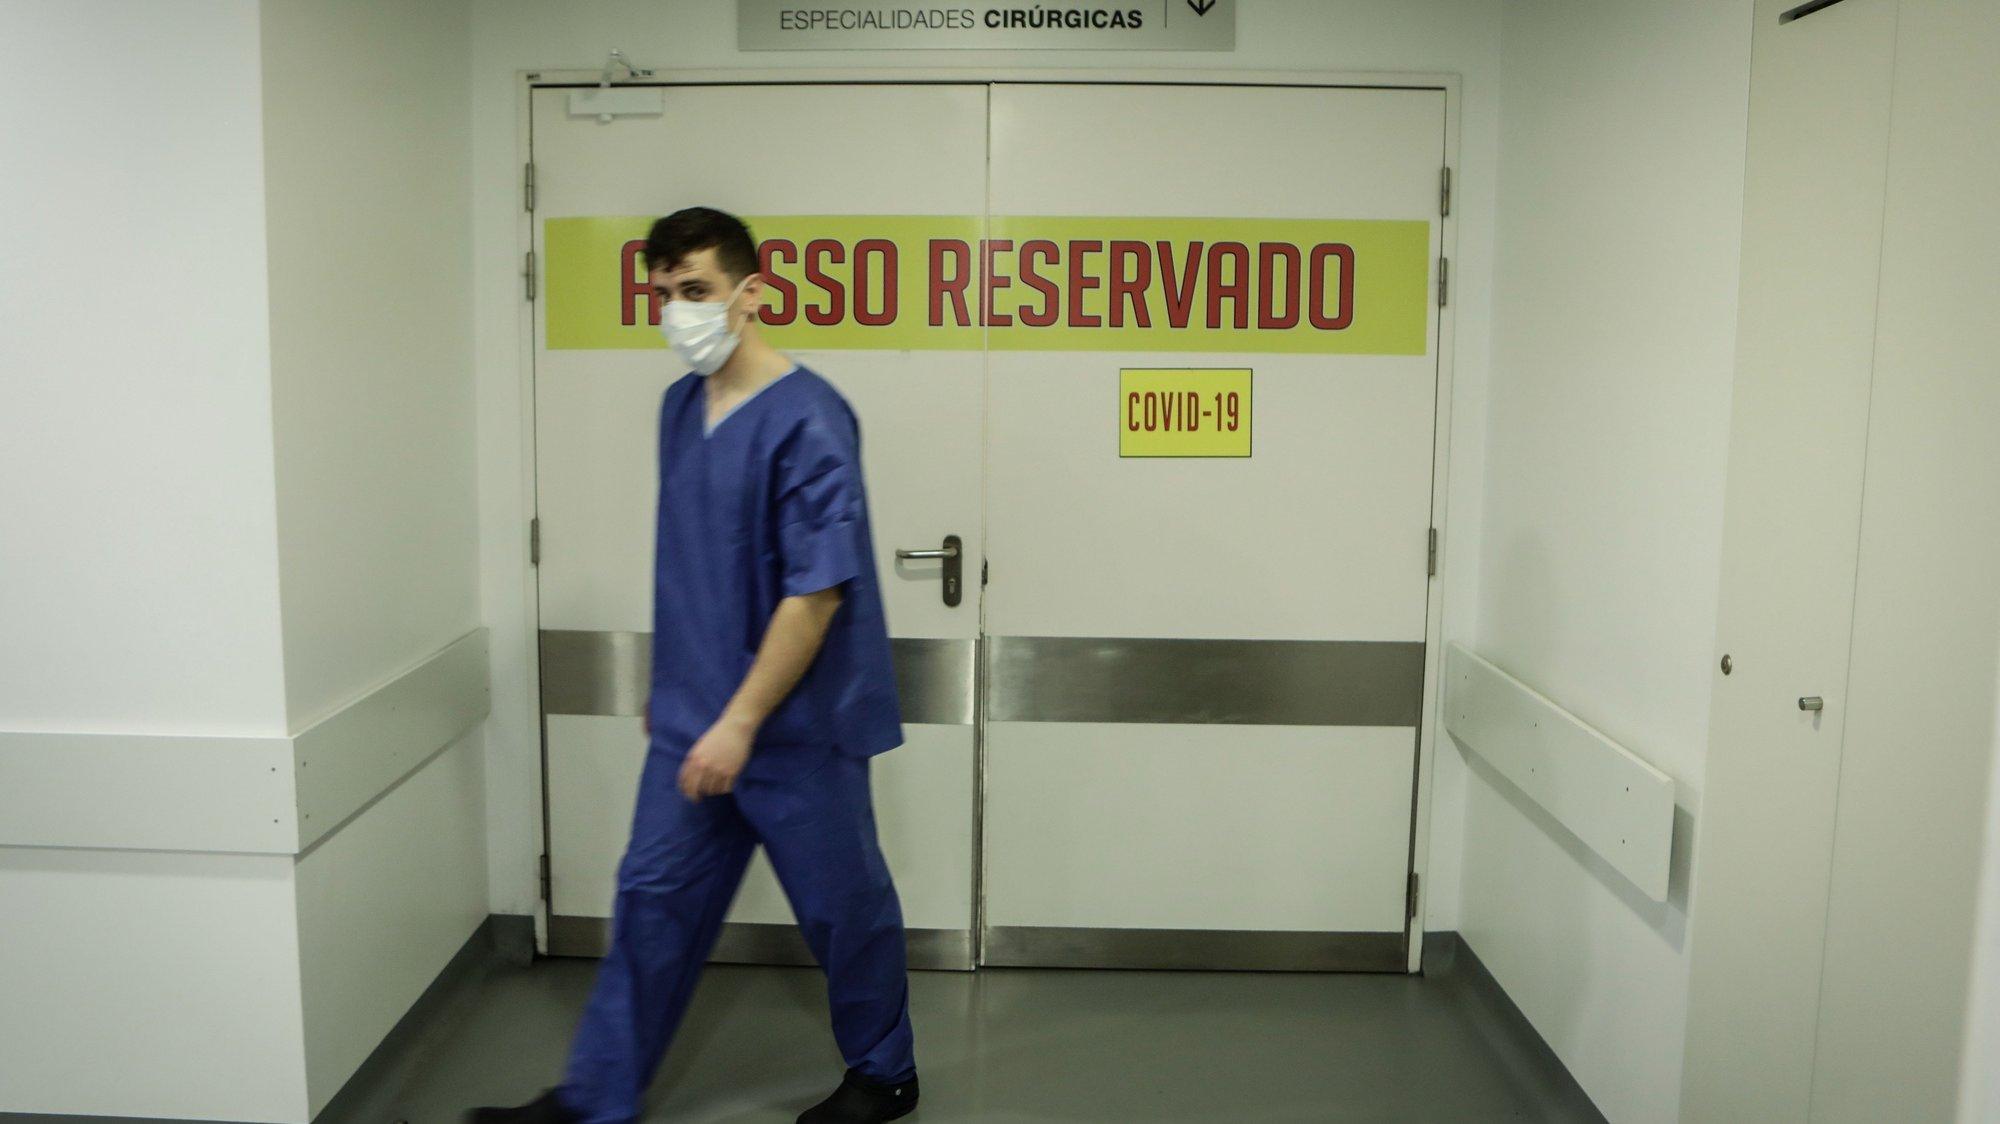 """O Hospital Sousa Martins da Guarda respondeu com """"sucesso"""" à pandemia da covid-19 e atravessa um período de acalmia que permite repor serviços nos locais originais e reduzir a área de internamento de 110 para 40 camas, Guarda, 20 de maio de 2020. (ACOMPANHA TEXTO DE 21/05/2020) MIGUEL PEREIRA DA SILVA/LUSA"""